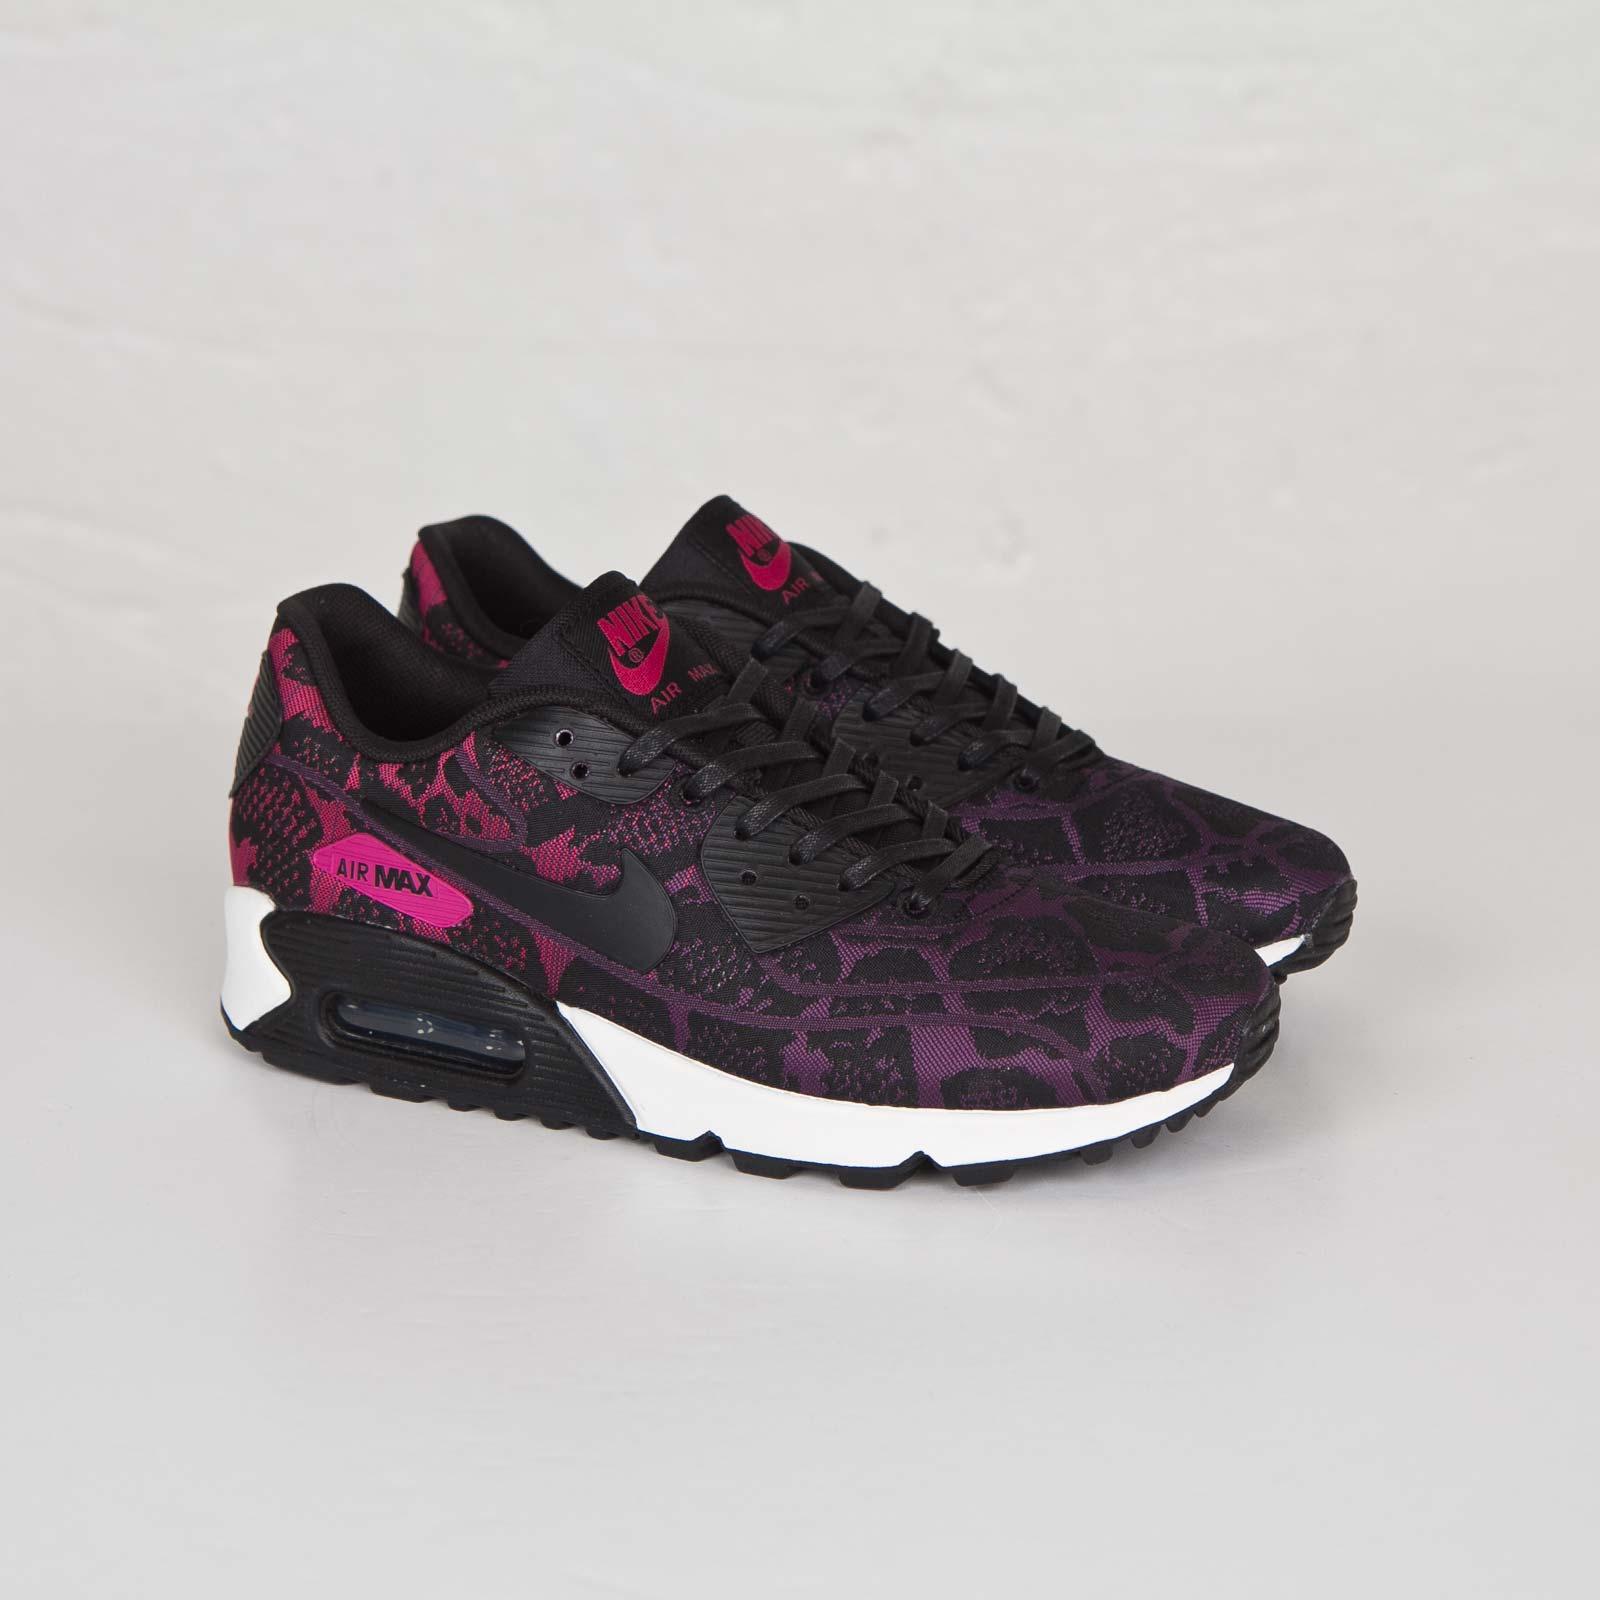 design intemporel d4a4a c8392 Nike Wmns Air Max 90 Jacquard - 749326-500 - Sneakersnstuff ...